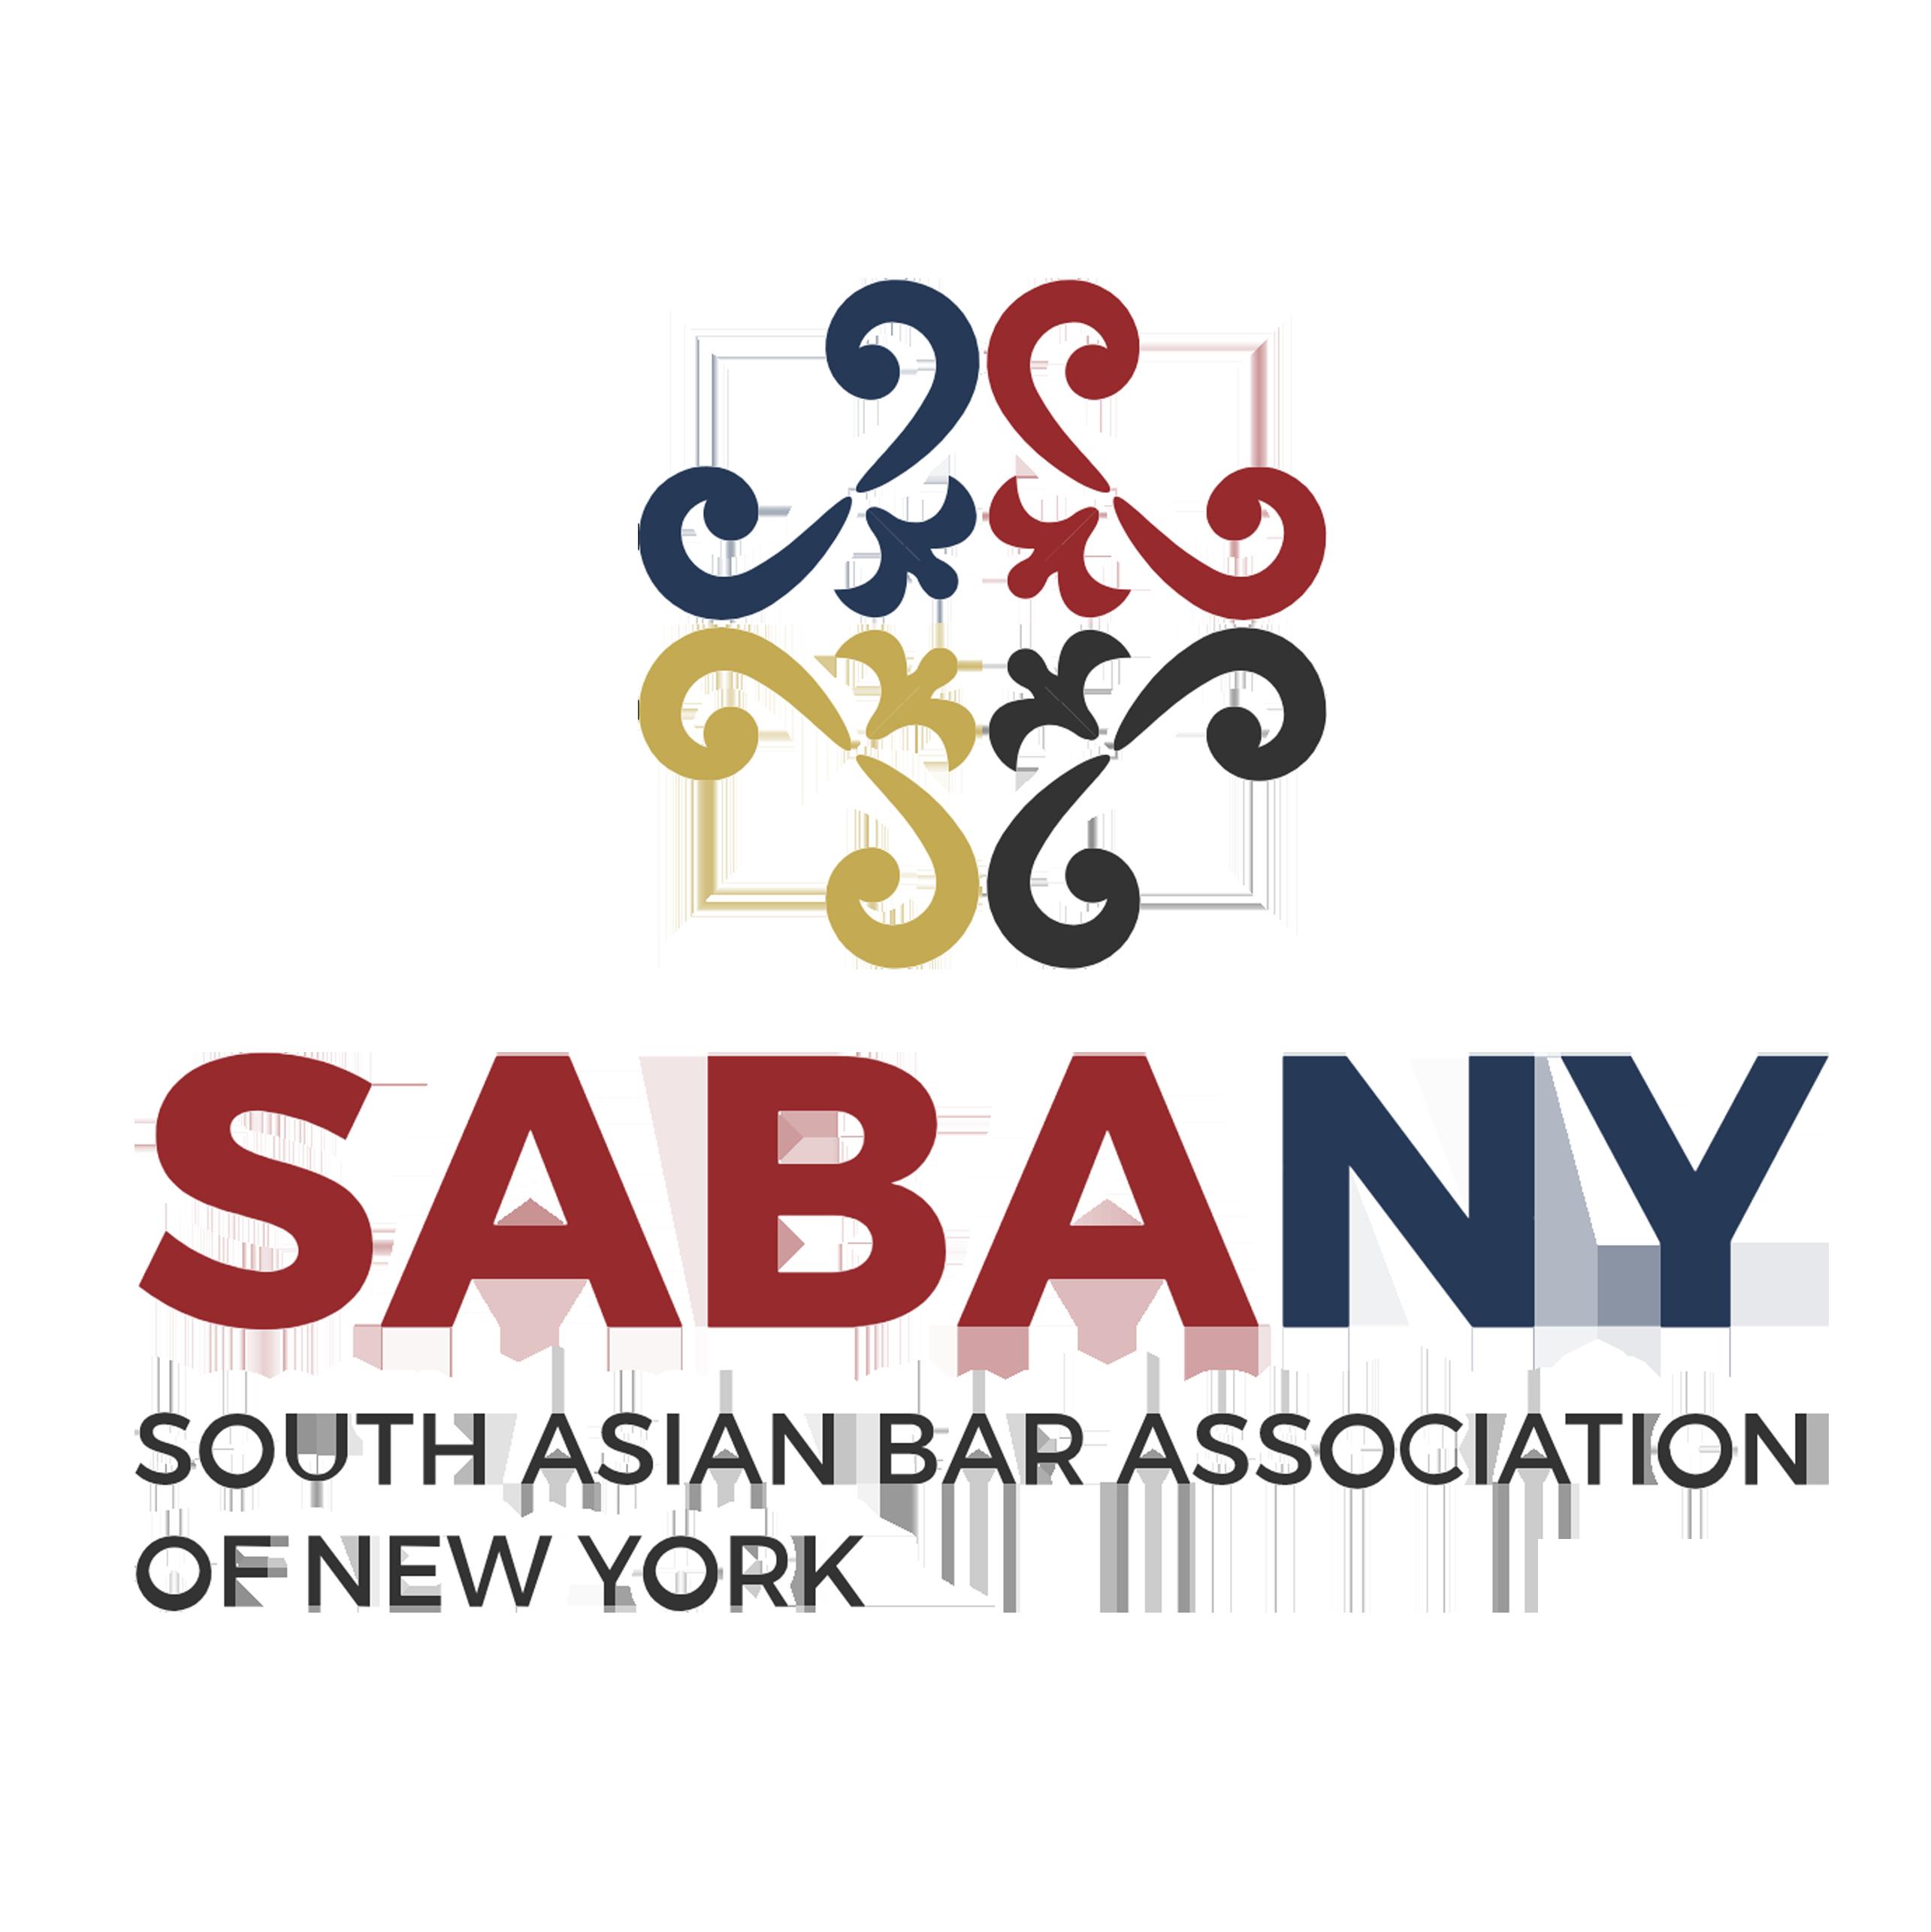 SABANY logo